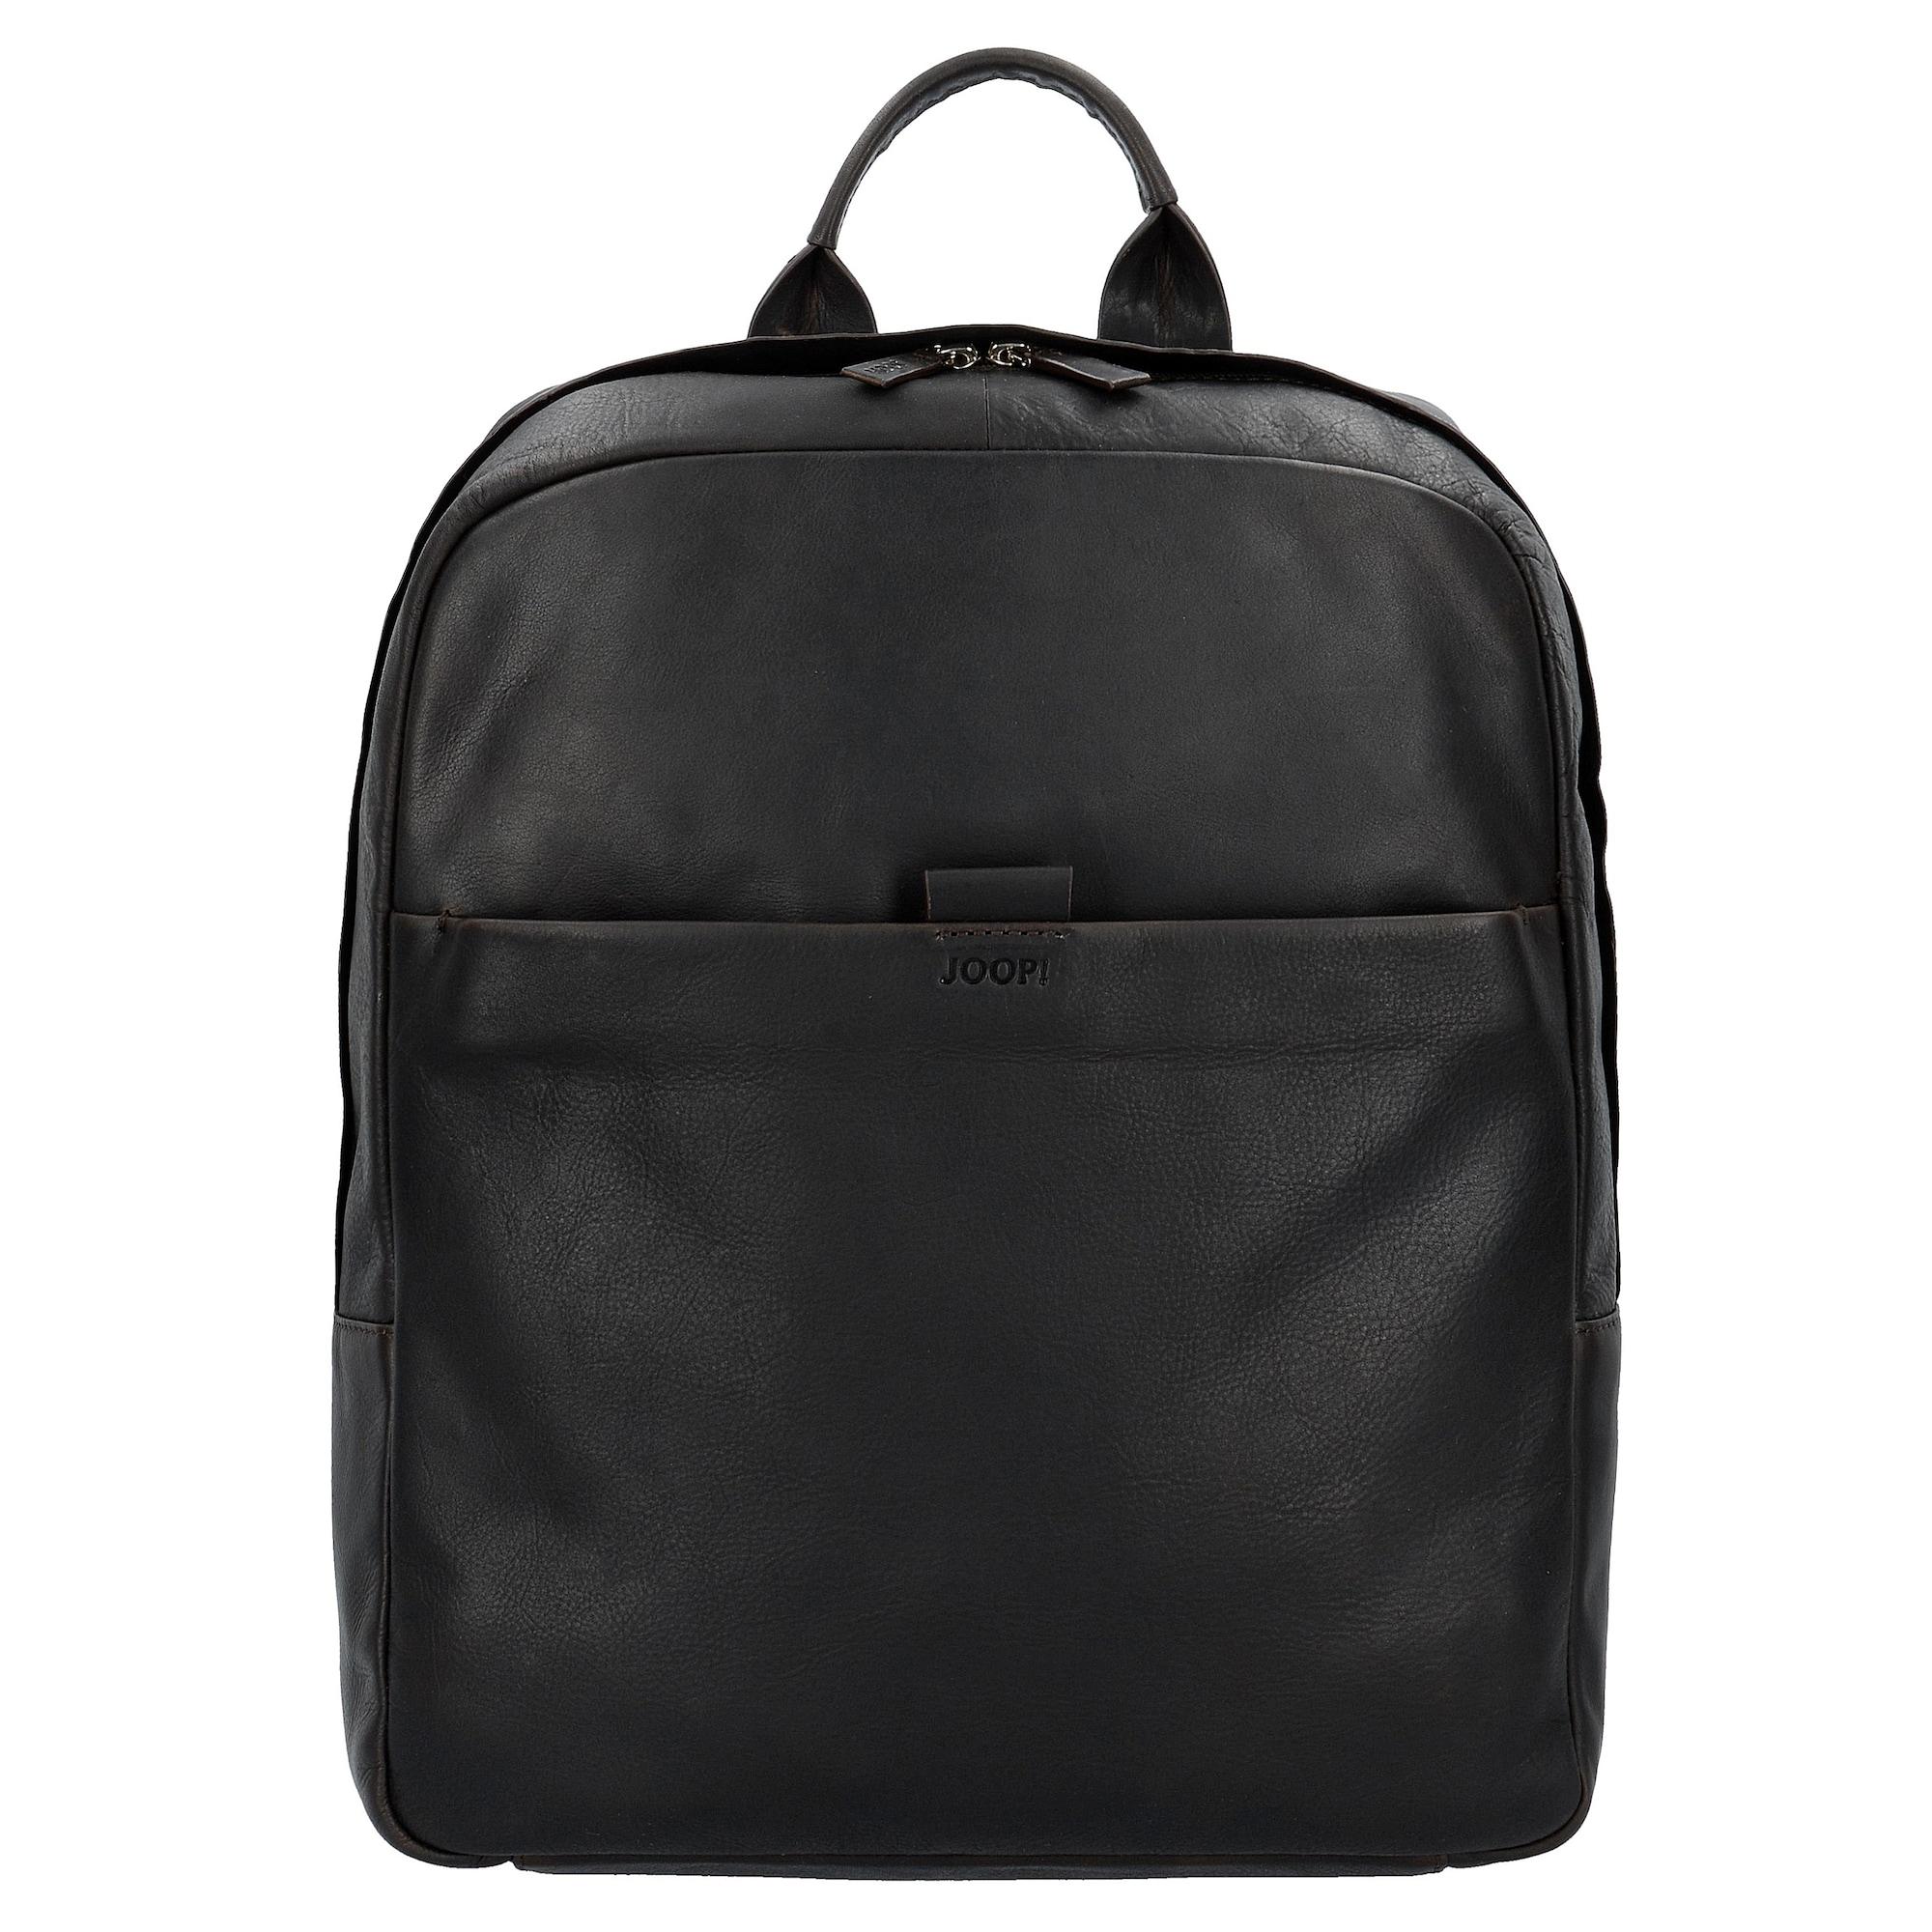 'Bonola' Business Rucksack Leder 40 cm Laptopfach   Taschen > Businesstaschen > Business Rucksäcke   Joop!